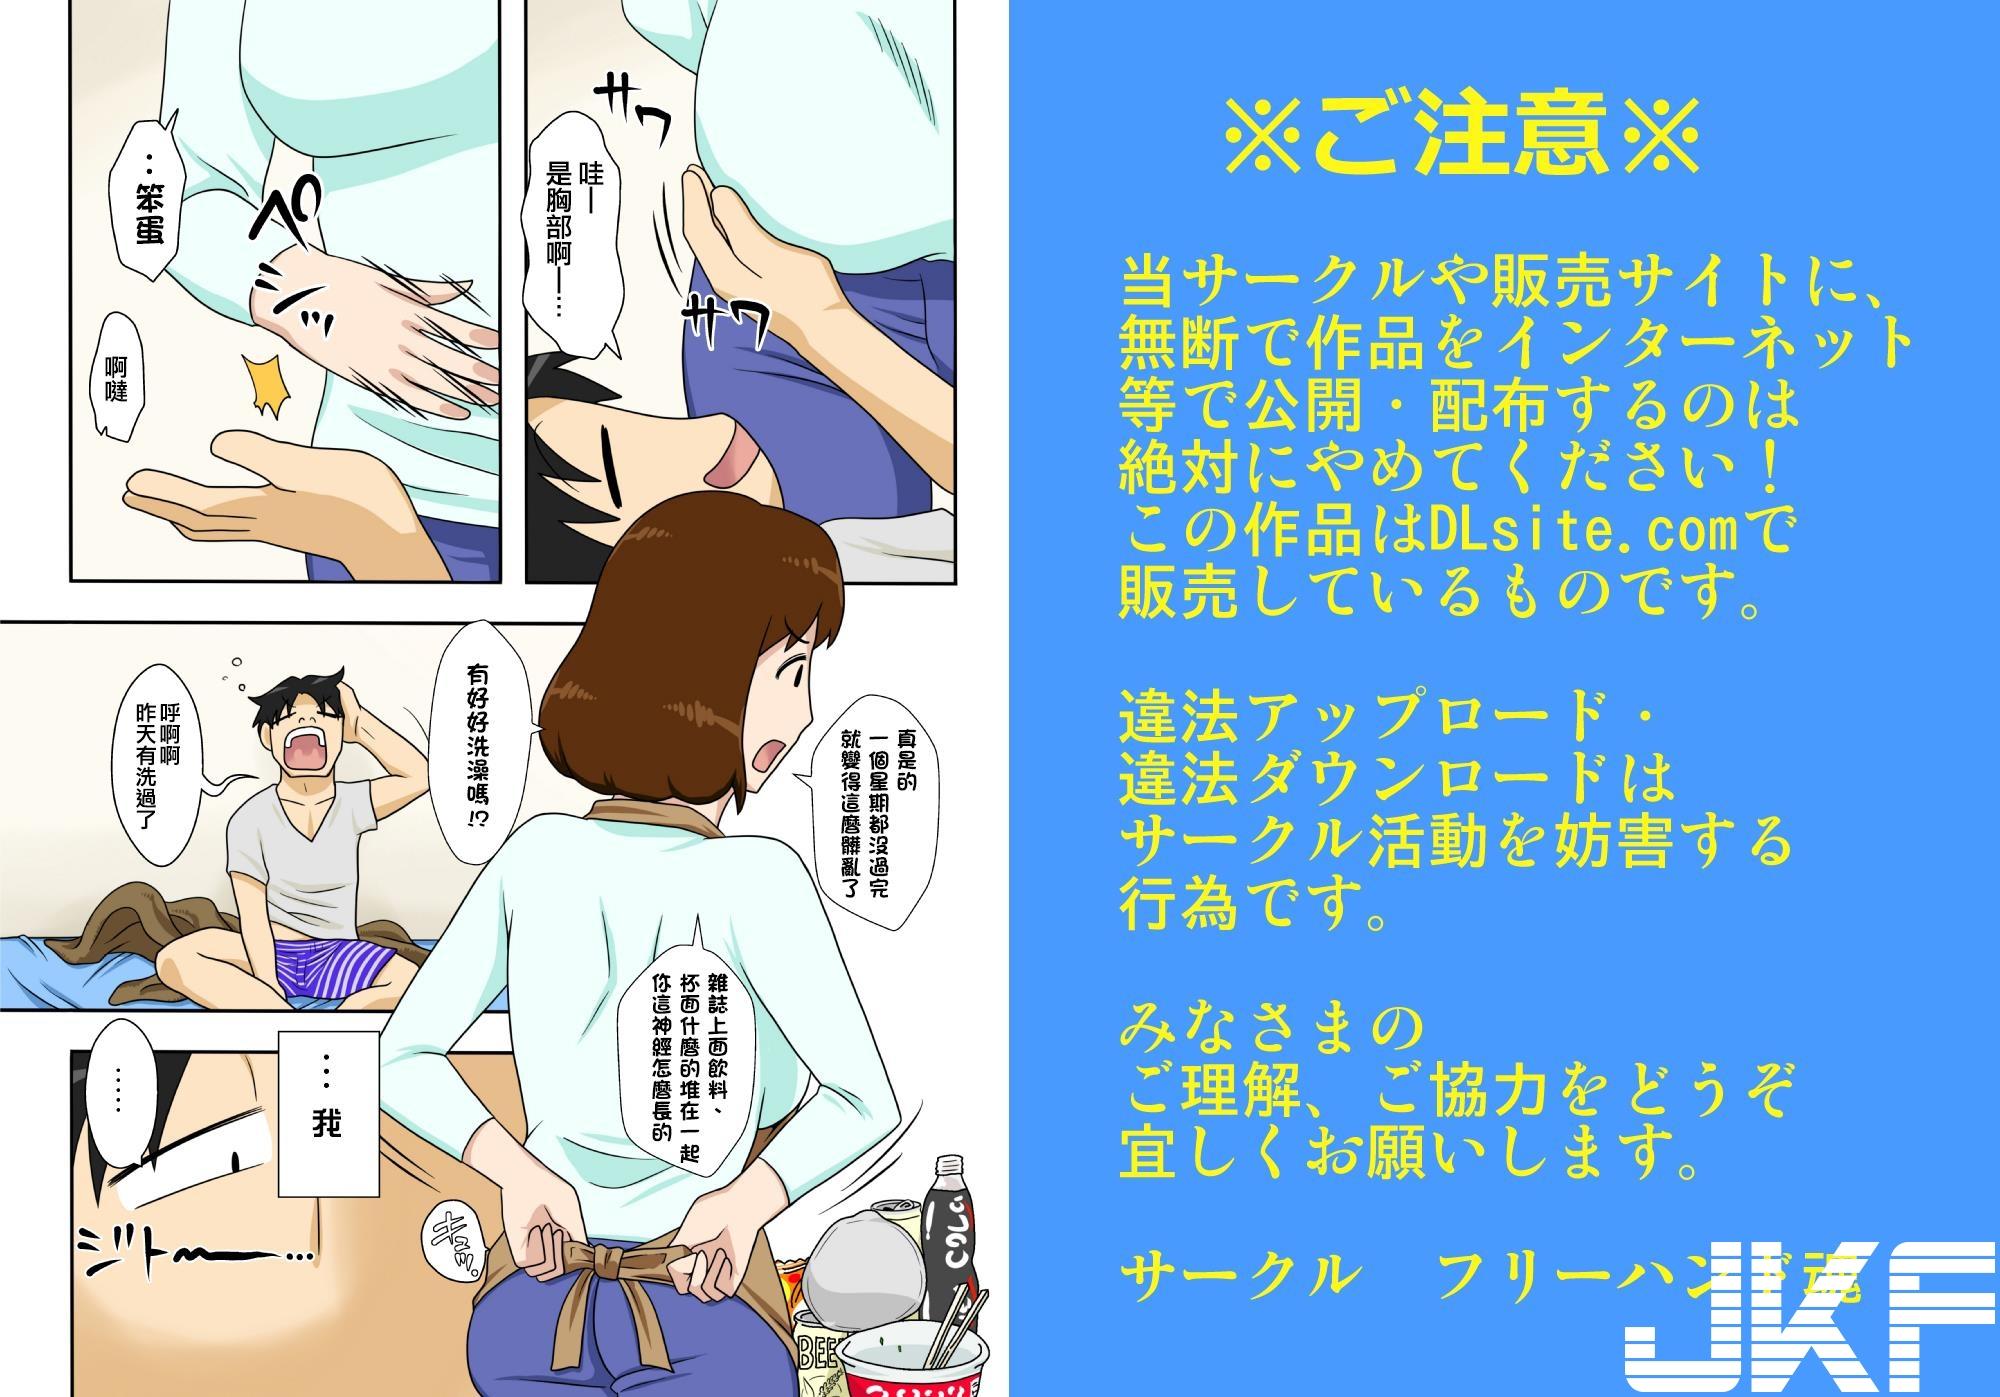 03_002003 (Copy).jpg